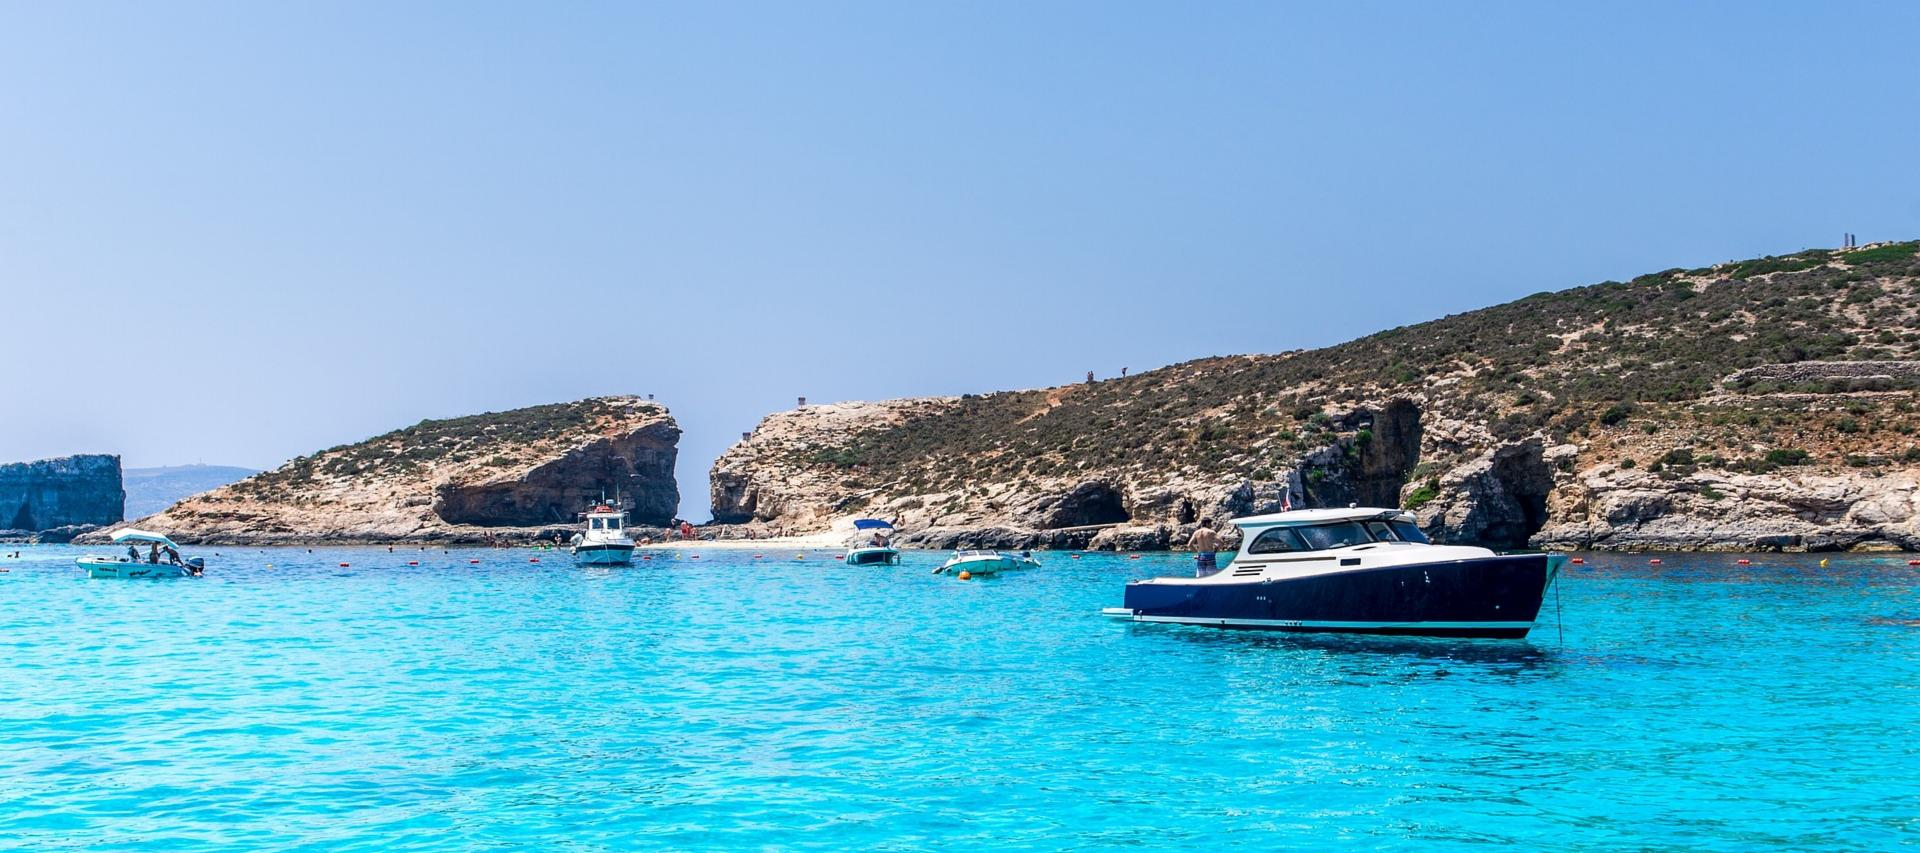 The Blue Lagoon in Comino, Malta